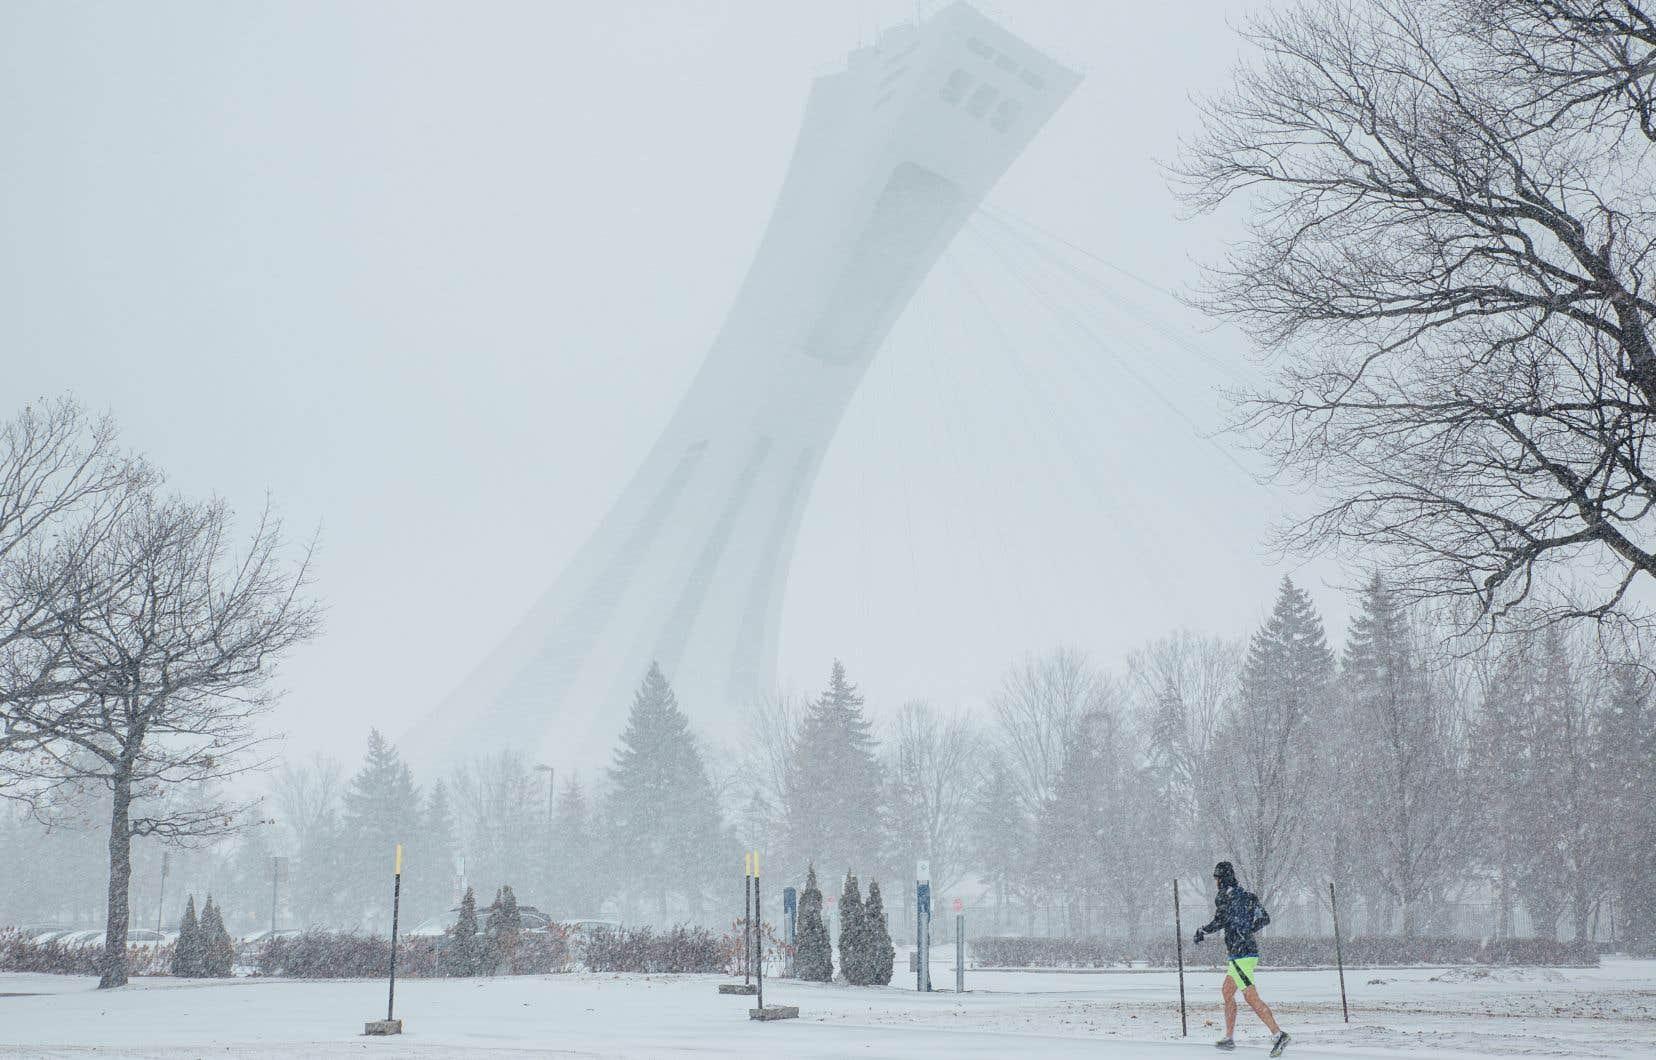 La tempête a laissé une bonne couche de neige dans le sud du Québec, notamment à Montréal.